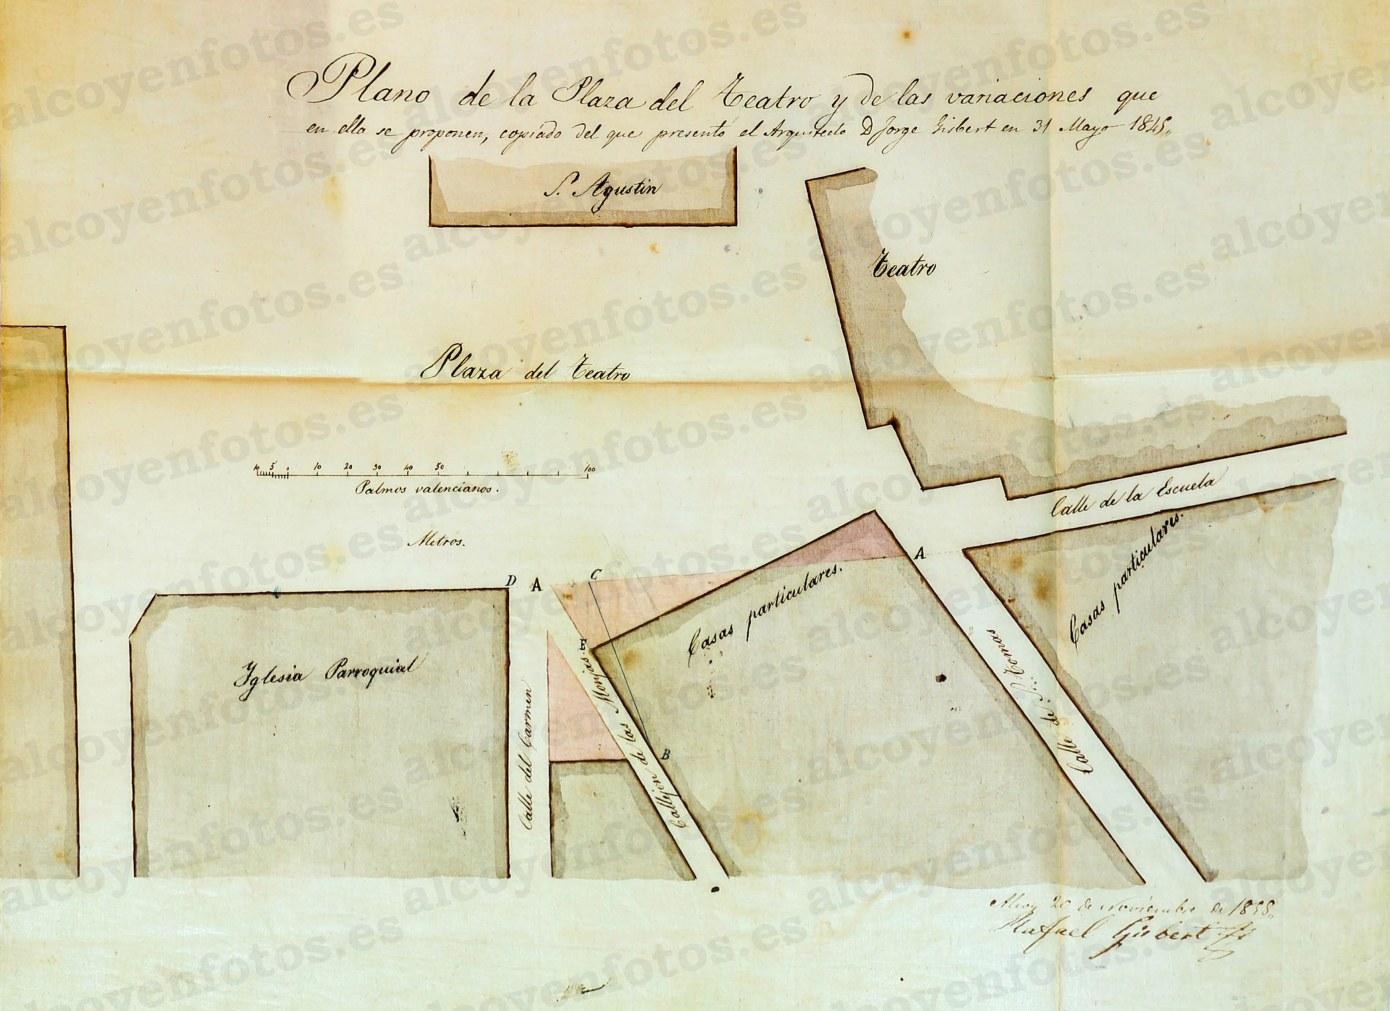 1855-modificacic3b3n-plaza-del-teatro-005637-015